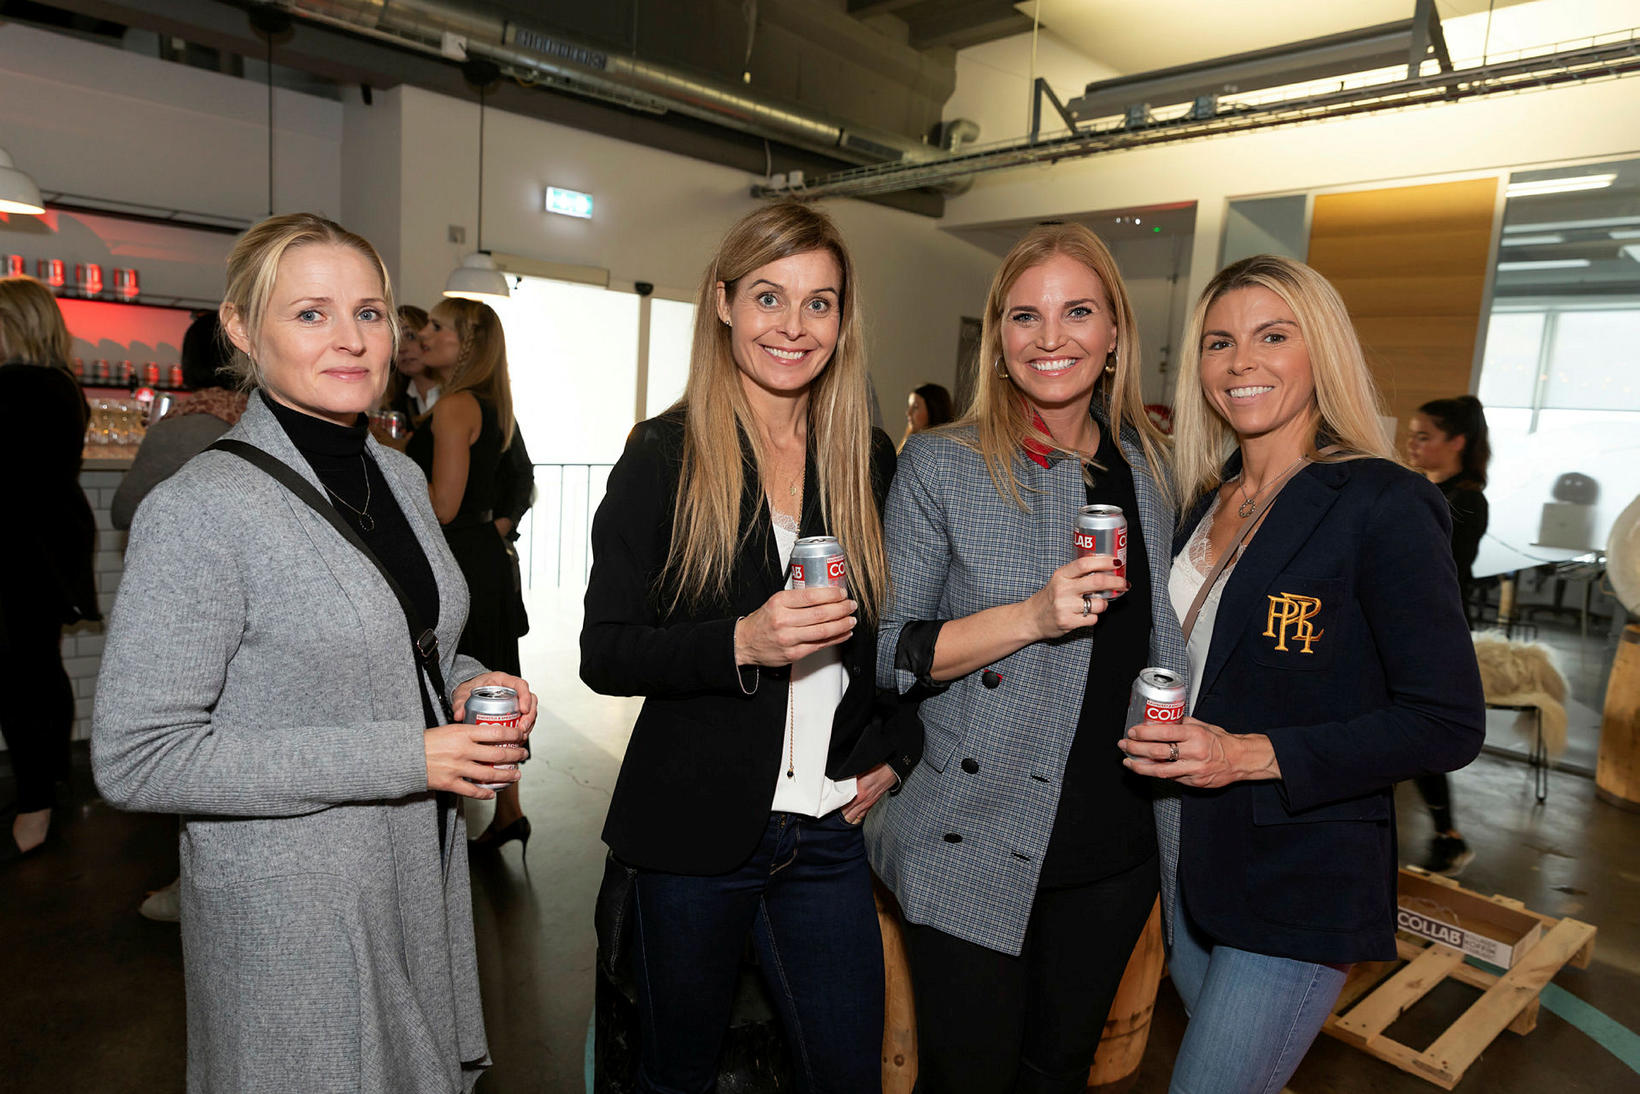 Kristín Einarsdóttir, Vaka Rögnvaldsdóttir, Ásta Pétursdóttir og Anna Eiríksdóttir.